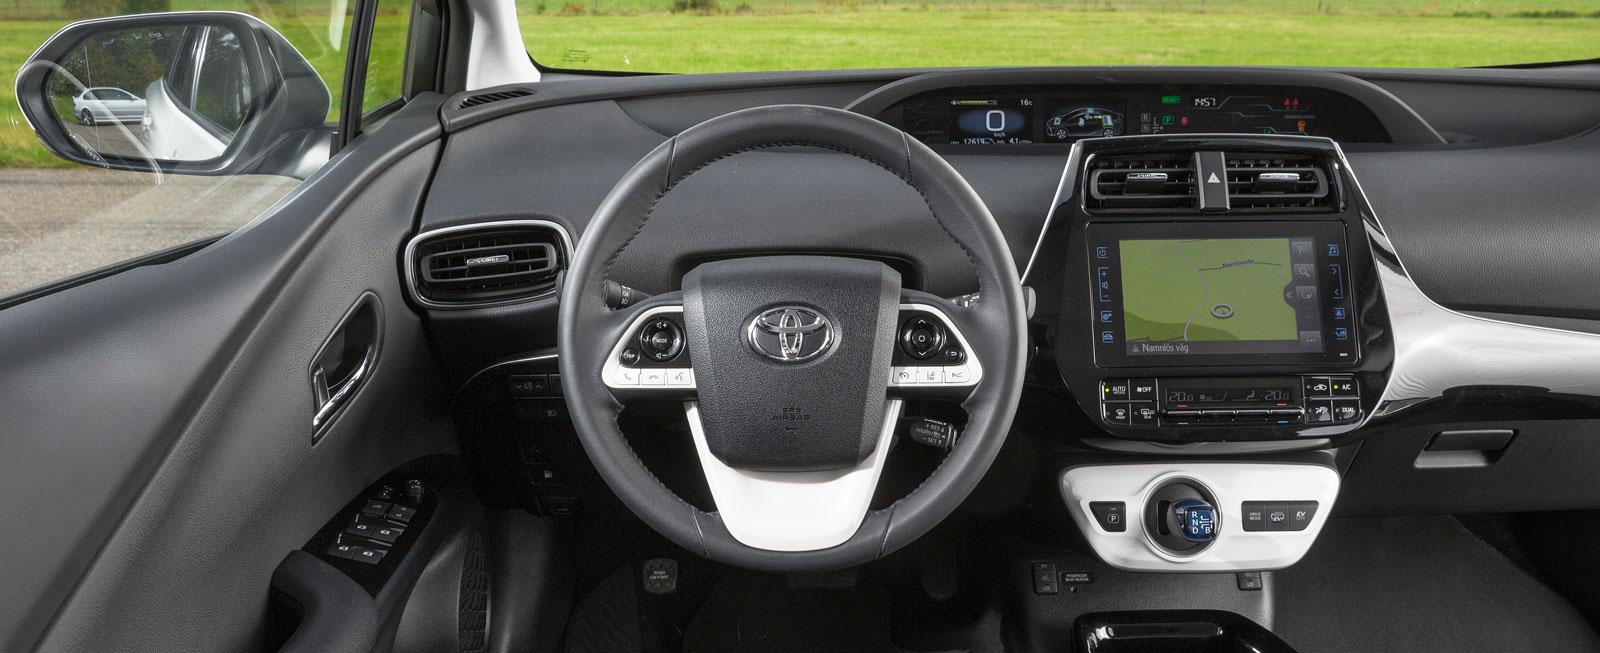 Ovanligt låg sittställning för att vara en Prius och sköna framstolar. Centralt placerade mätare ger sämre avläsbarhet.